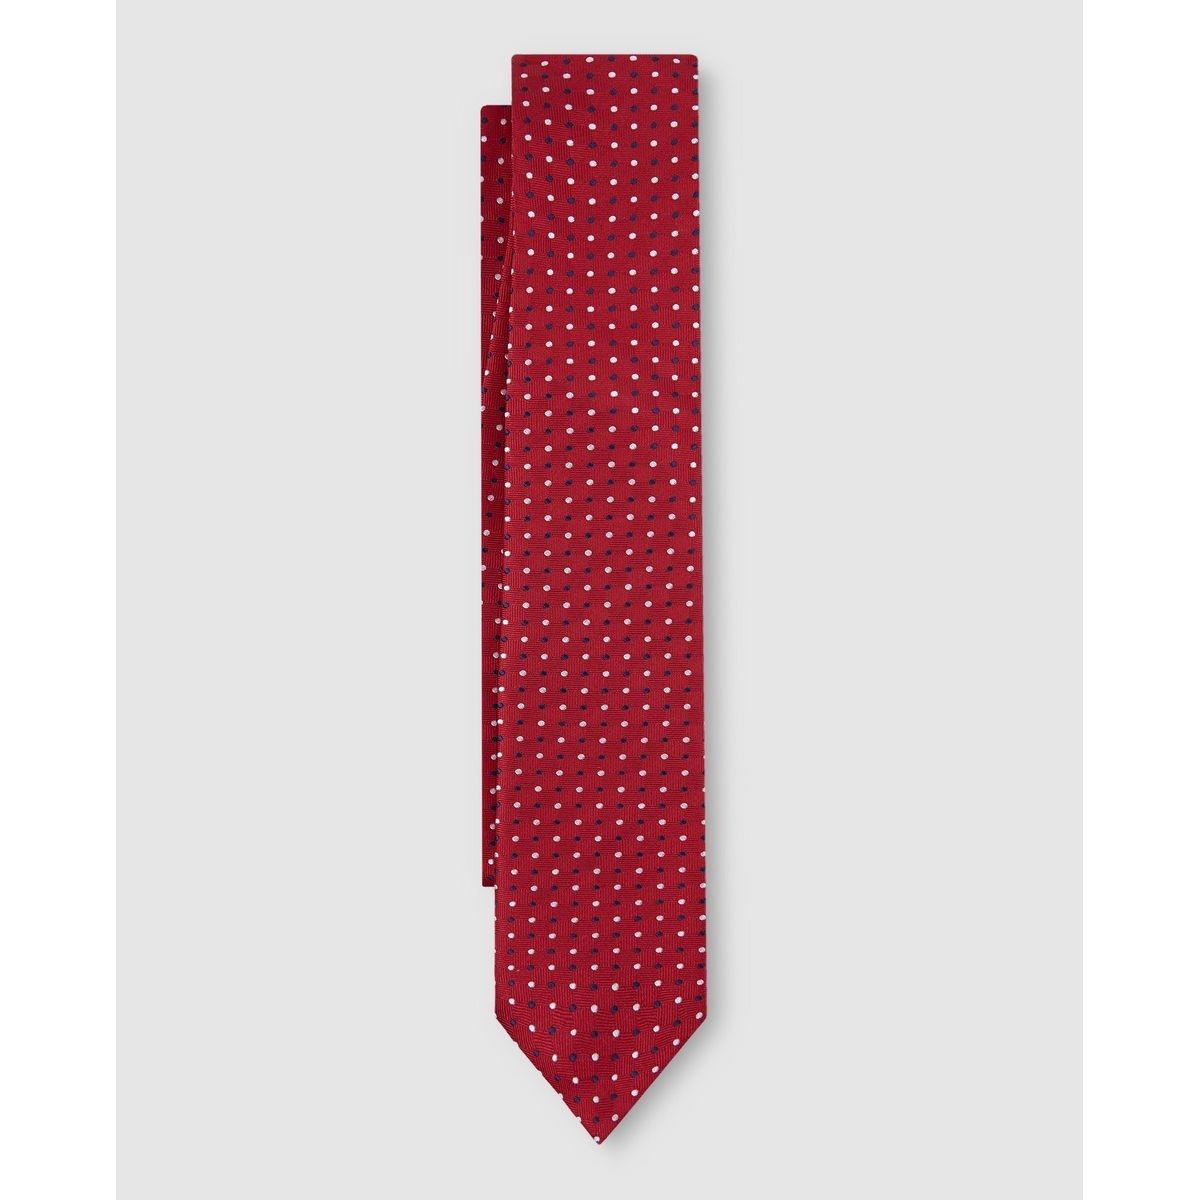 Cravate en soie à motif